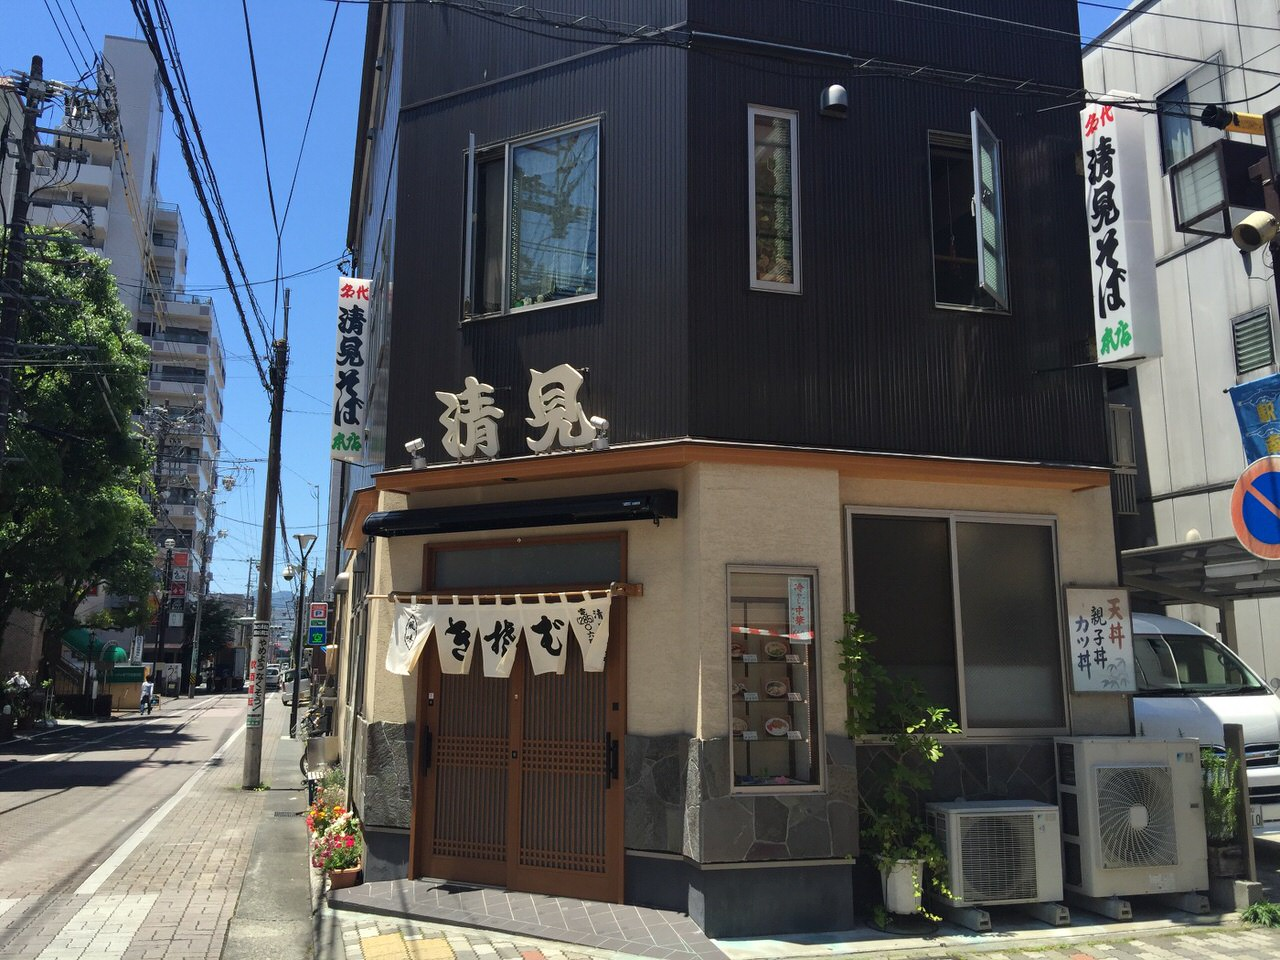 Kiyomi ramen 5338